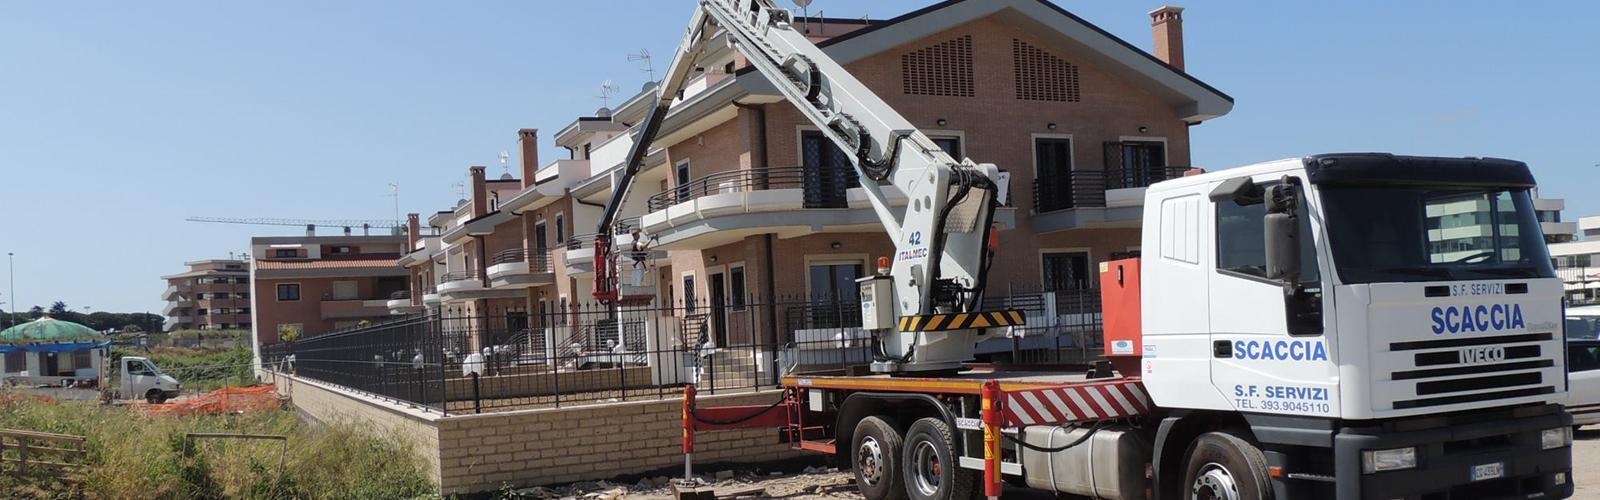 gru per lavori edili